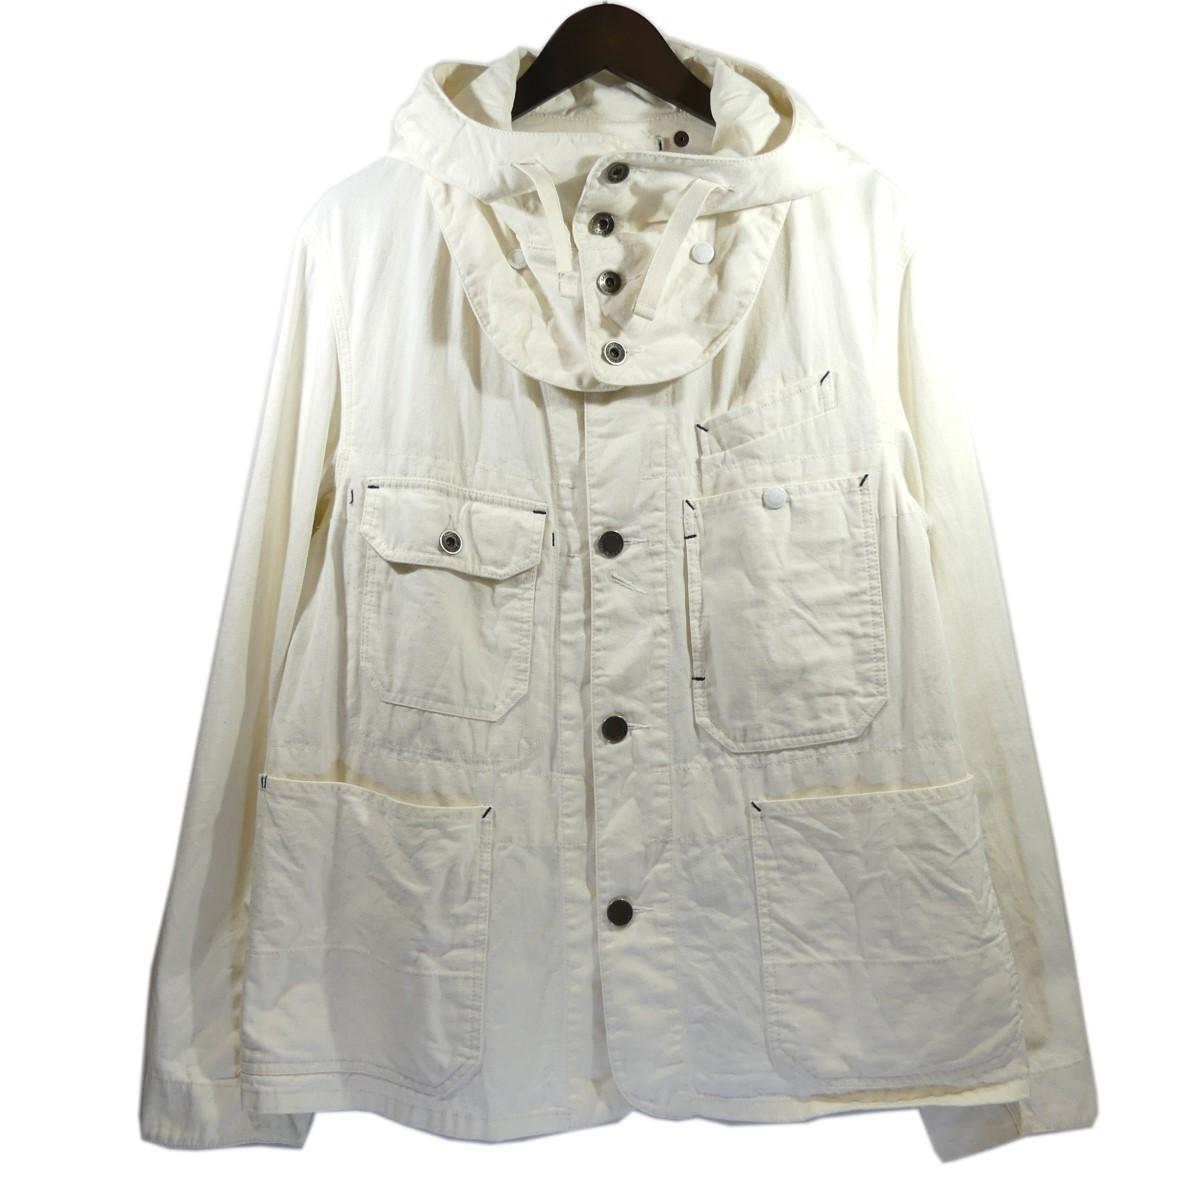 【中古】Engineered Garments Short Coverall Jacket-6.5oz Flat Twill カバーオールジャケット オフホワイト サイズ:M 【300420】(エンジニアードガーメンツ)